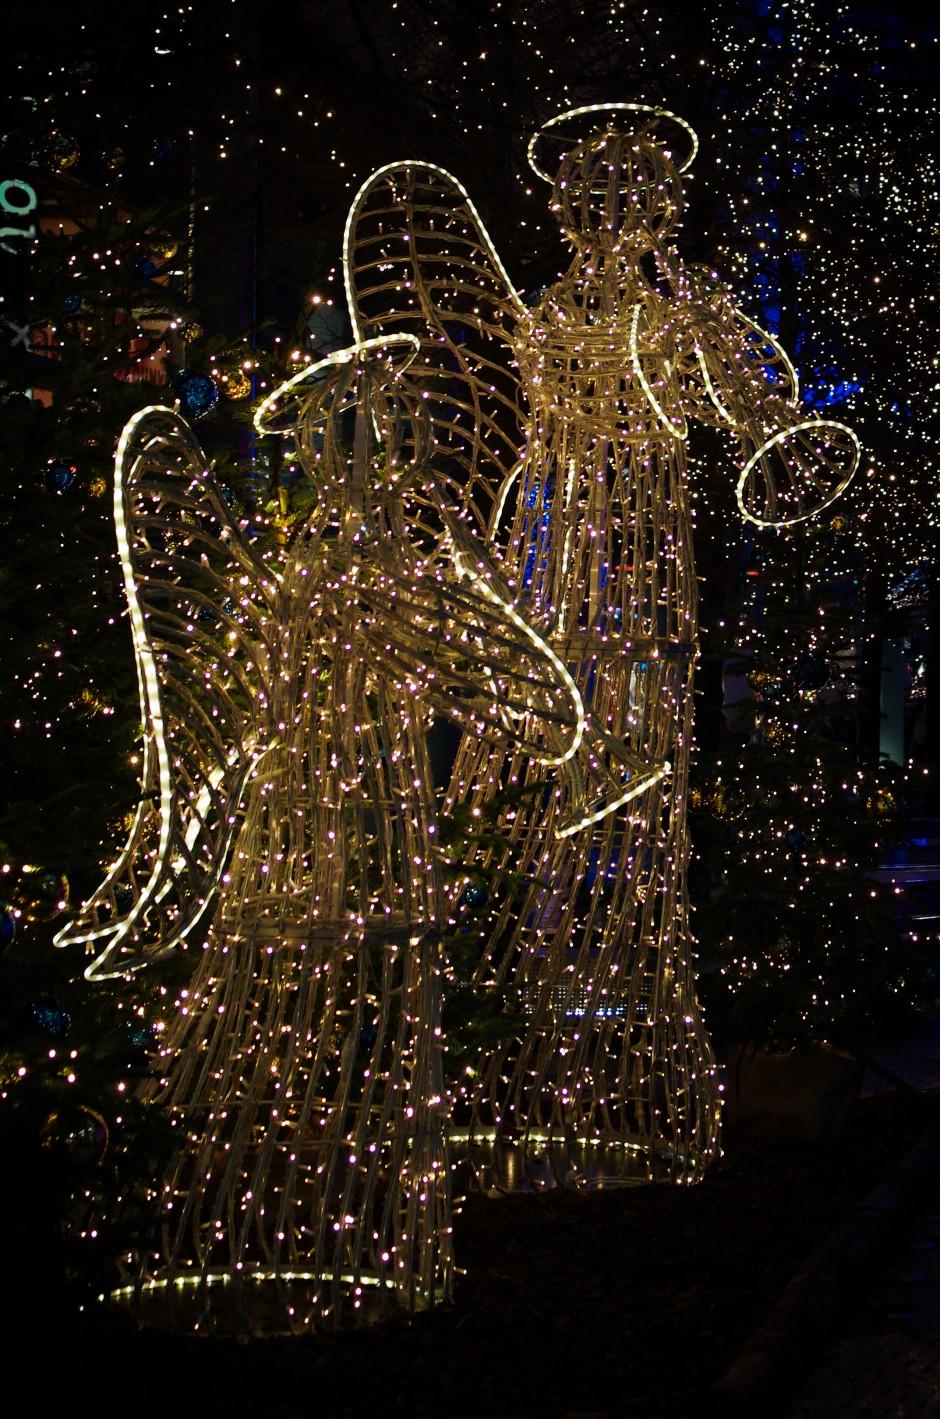 6967 Weihnachtsengel Potsdamer Platz 2013